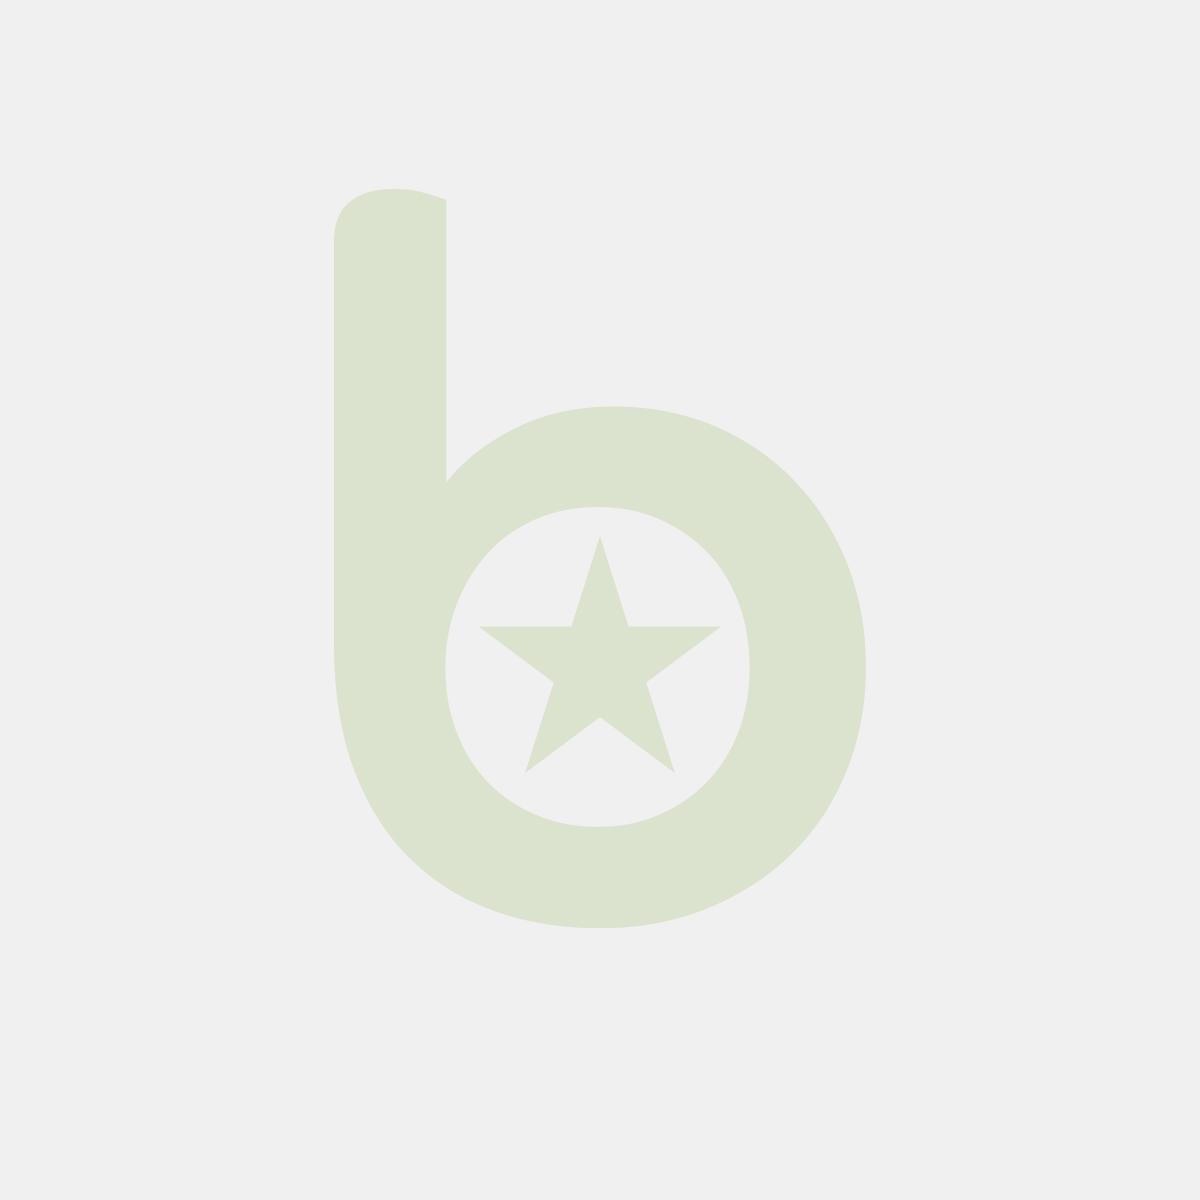 Blat Neutralny Stołowy N0577